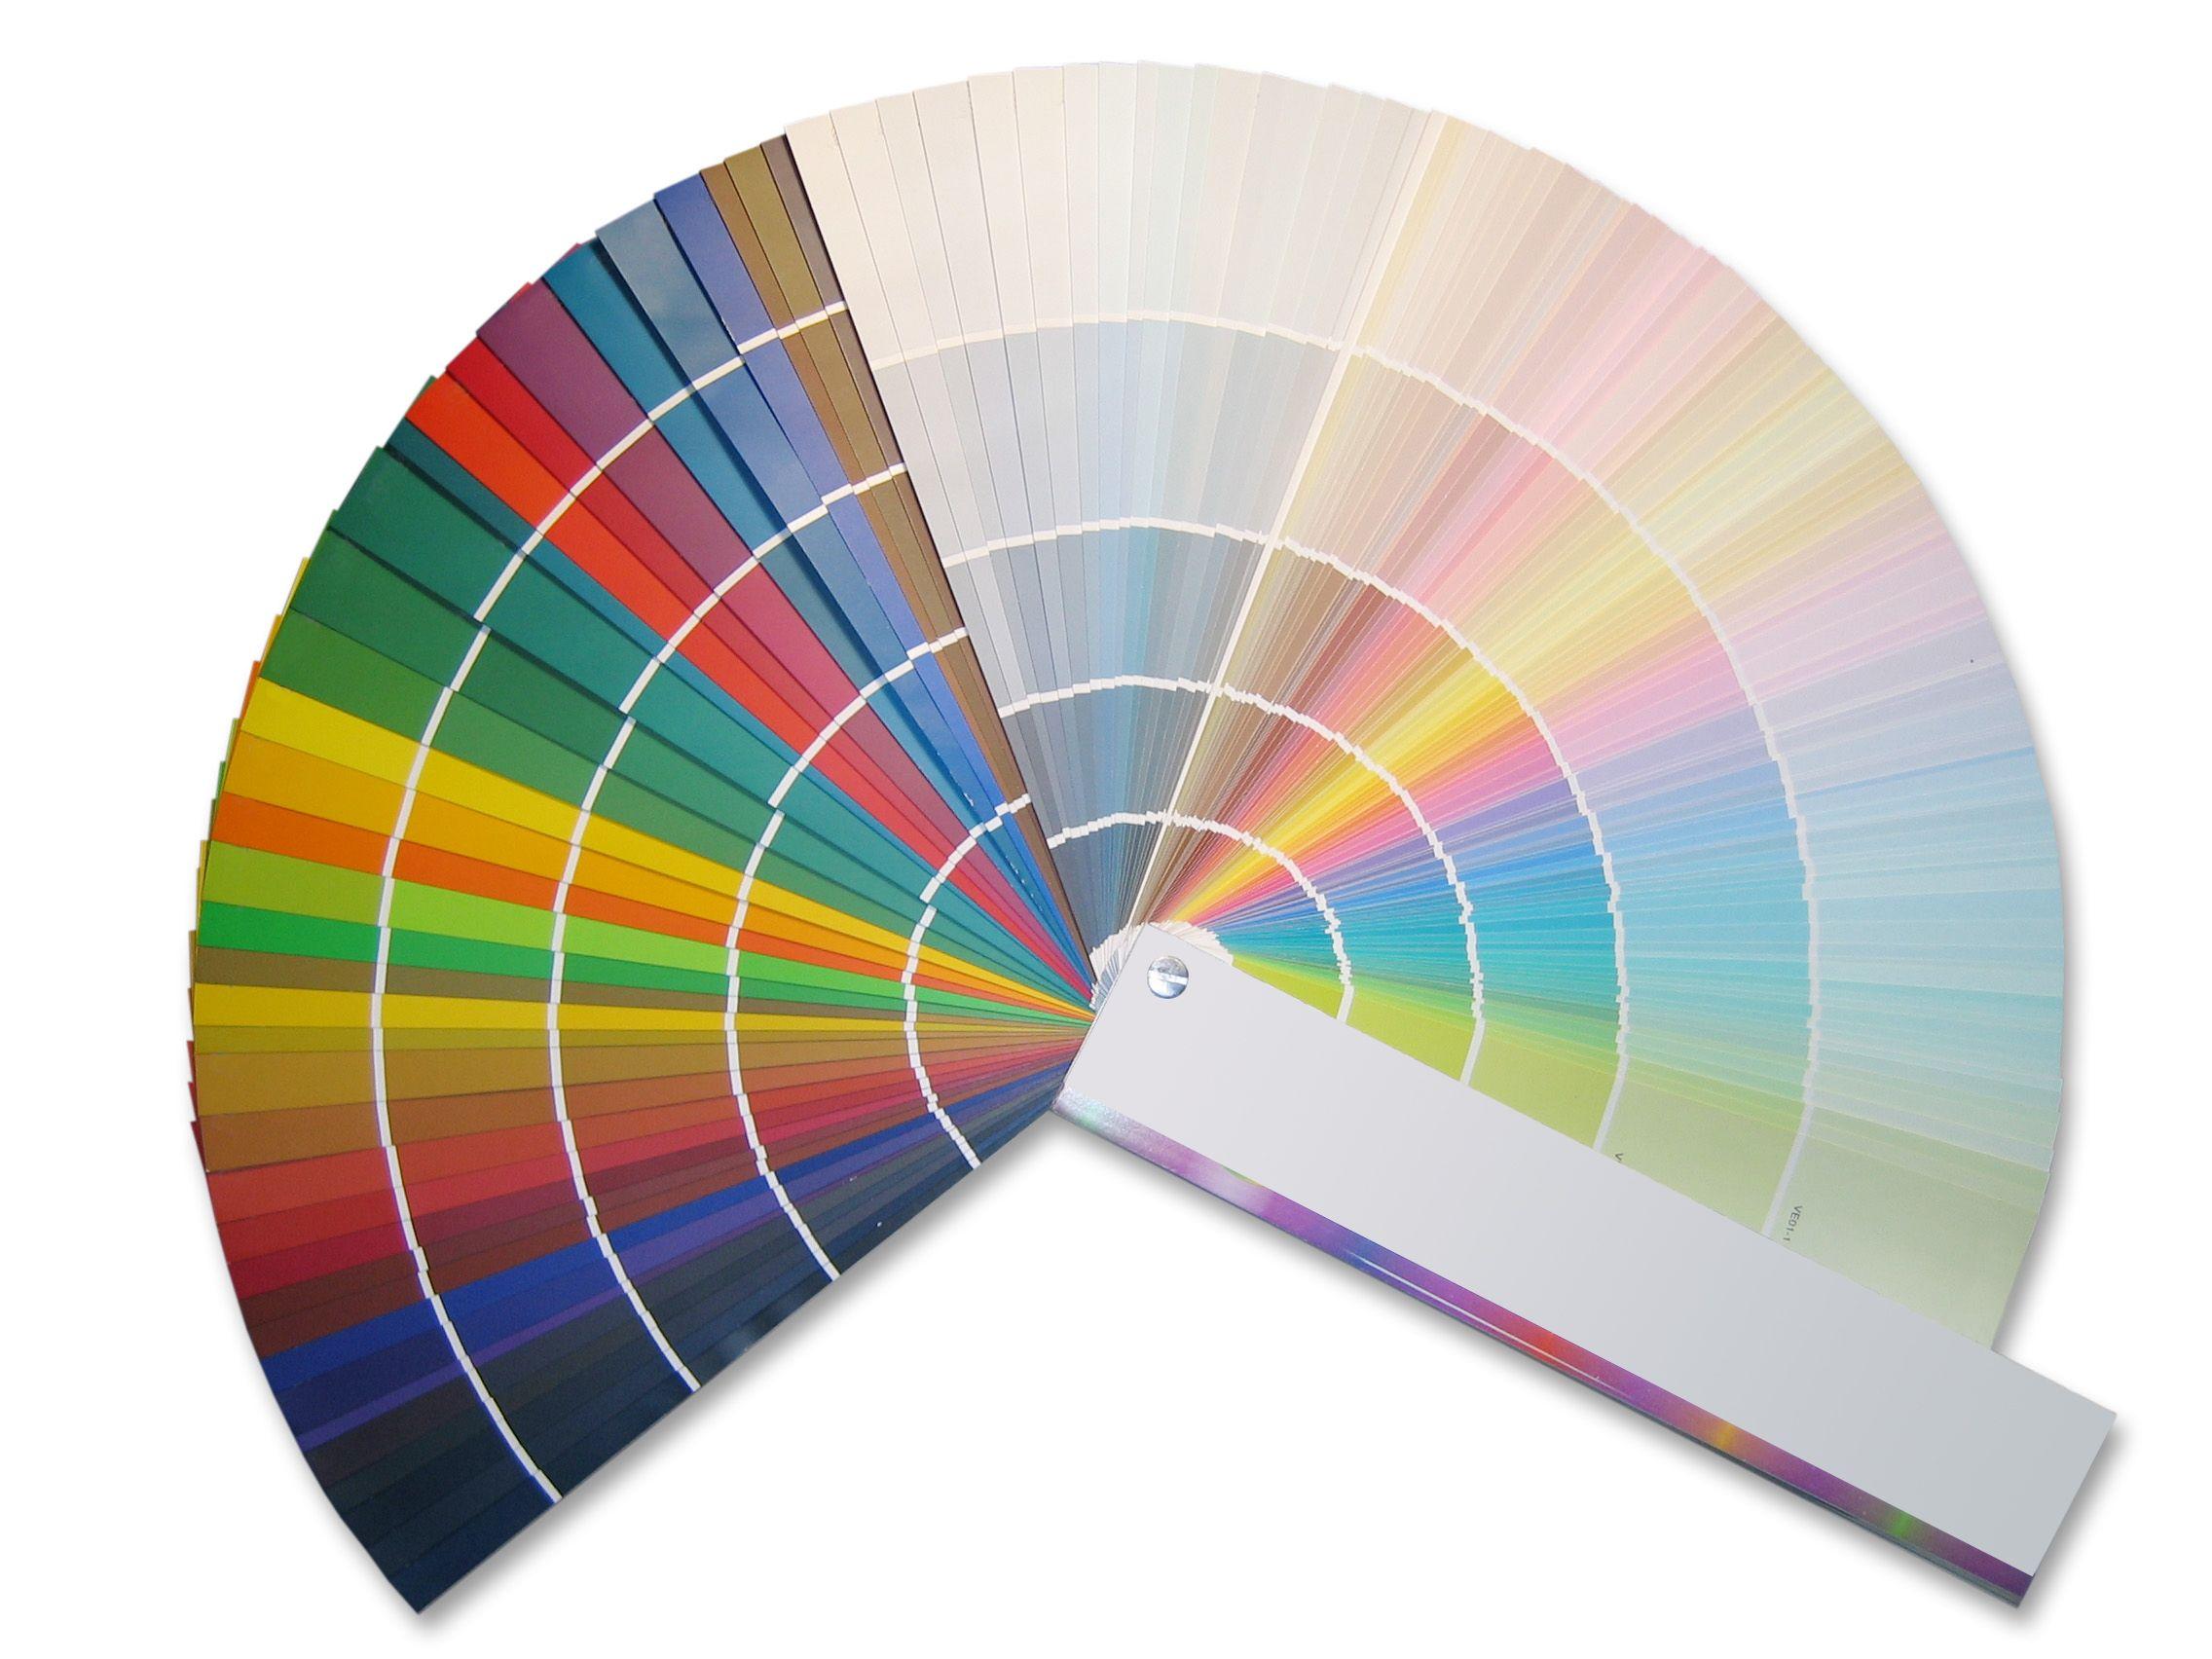 Pantone Colores Pinturas Circulo Cromatico